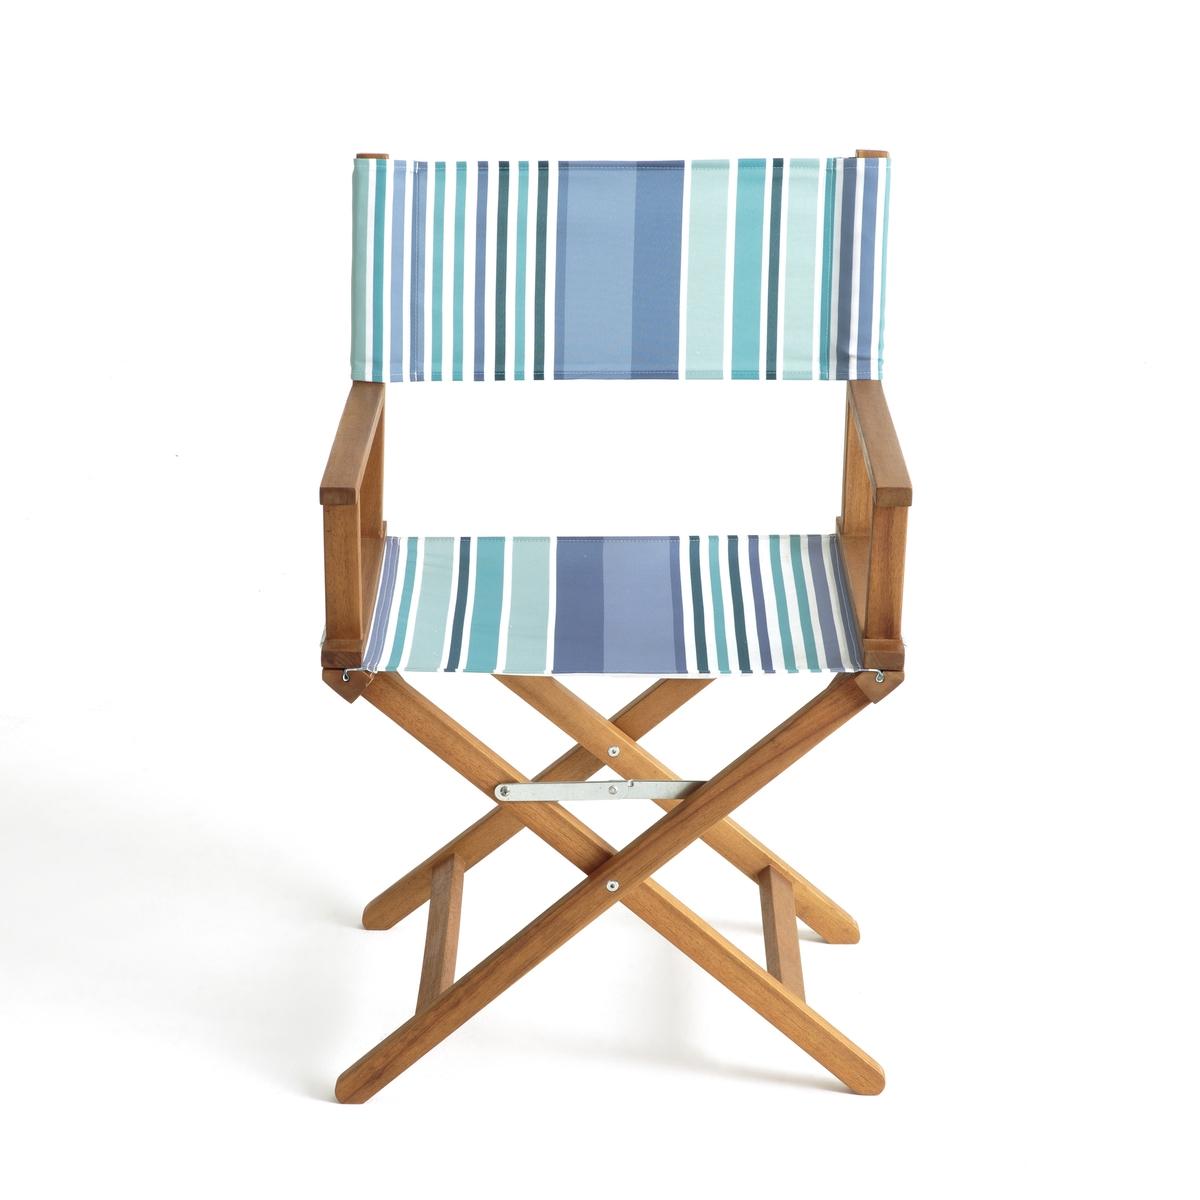 Кресло кинорежиссераВ саду и дома, режиссерское кресло производит сильное впечатление.Характеристики кресла :Из акации с масляной пропиткой. - Покрытие  100% полиэстера .- Полностью складное .Поставляется  собранным, в сложенном виде .Размеры :- Общие: L56/57,5 x H88 x P43 см.<br><br>Цвет: коралловый/ розовый,серо-коричневый,серый жемчужный,синяя полоска